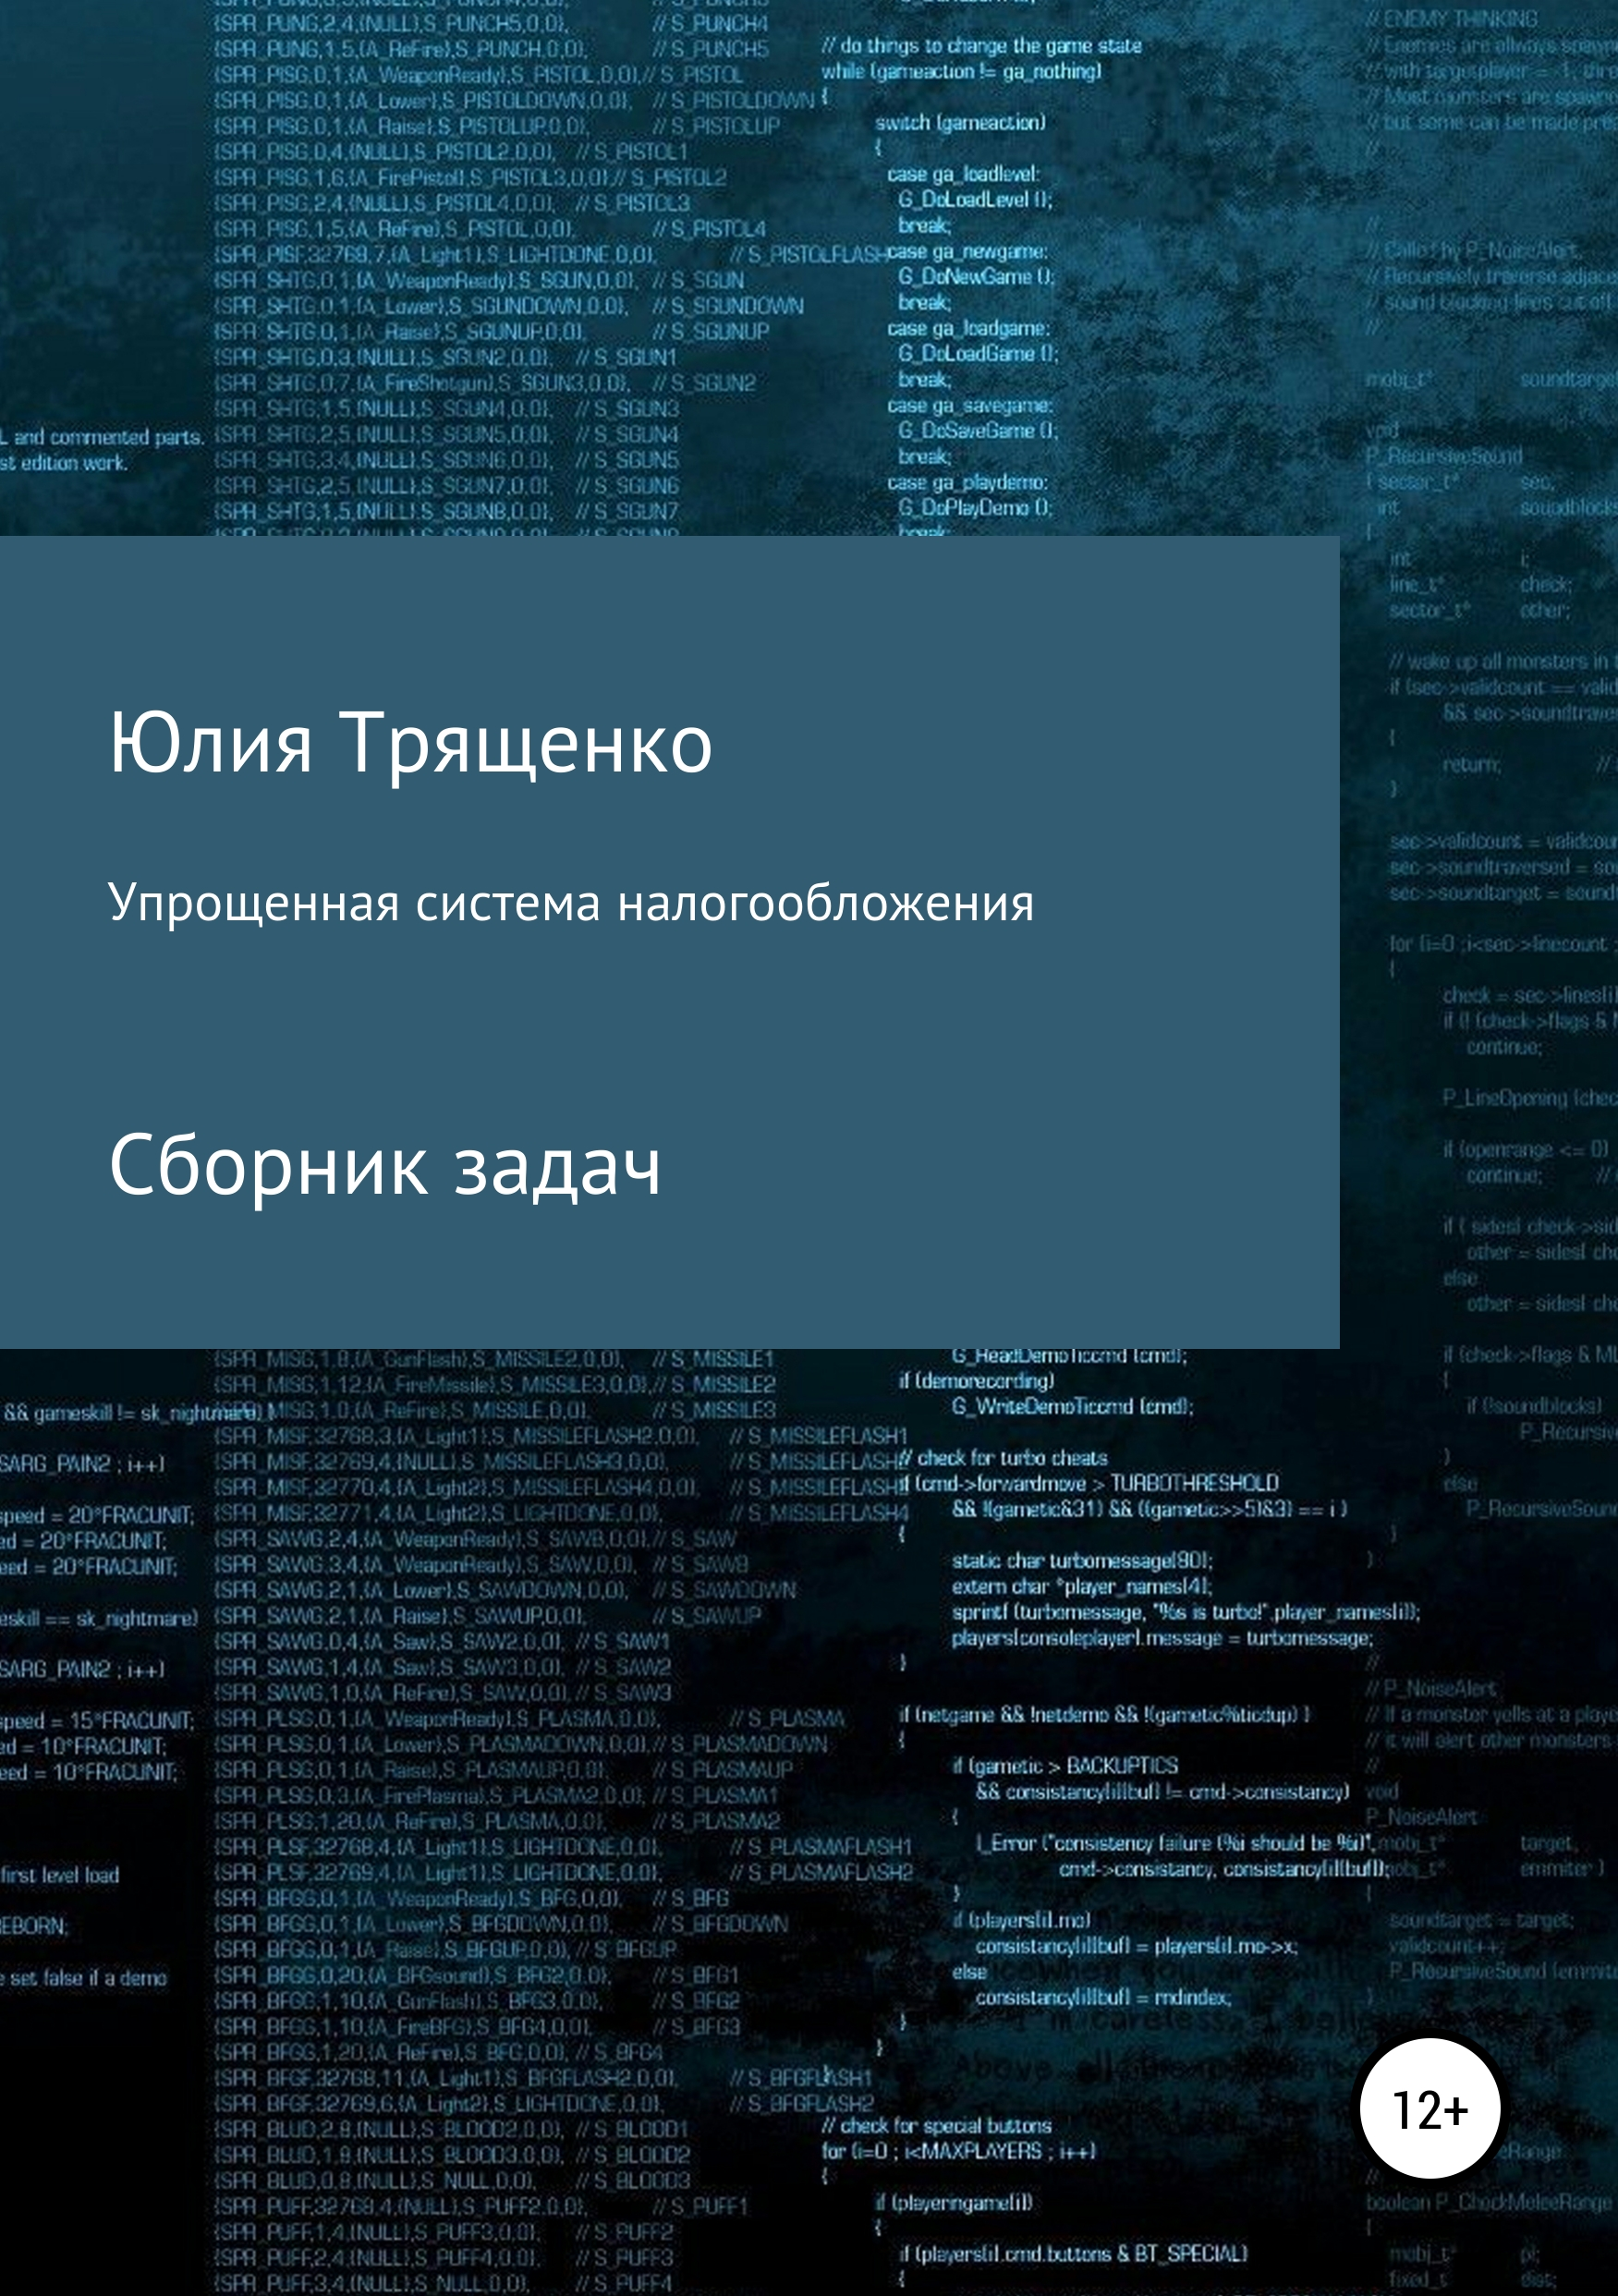 Обложка книги Упрощенная система налогообложения. Сборник задач